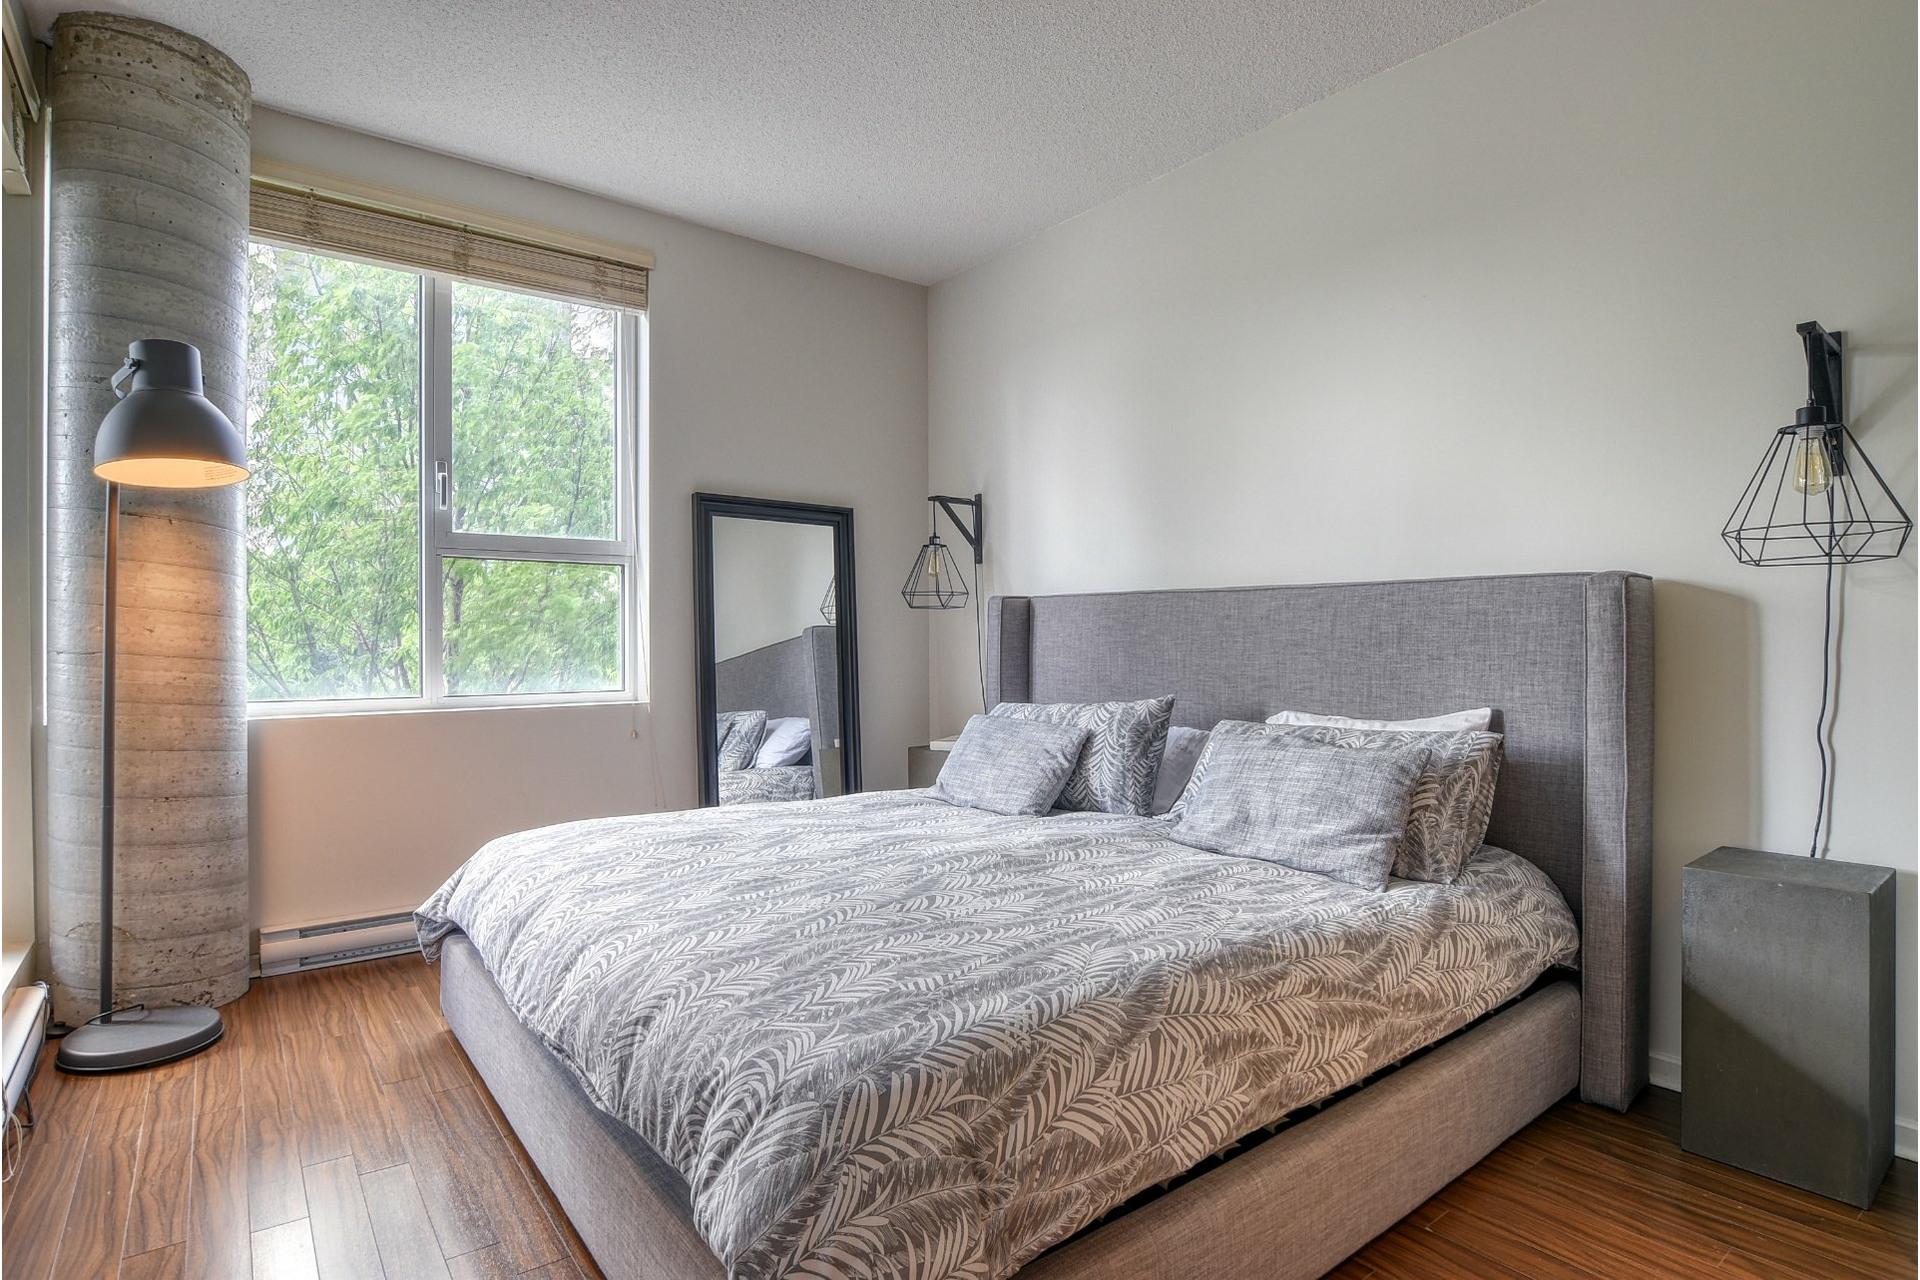 image 10 - Appartement À vendre Verdun/Île-des-Soeurs Montréal  - 4 pièces